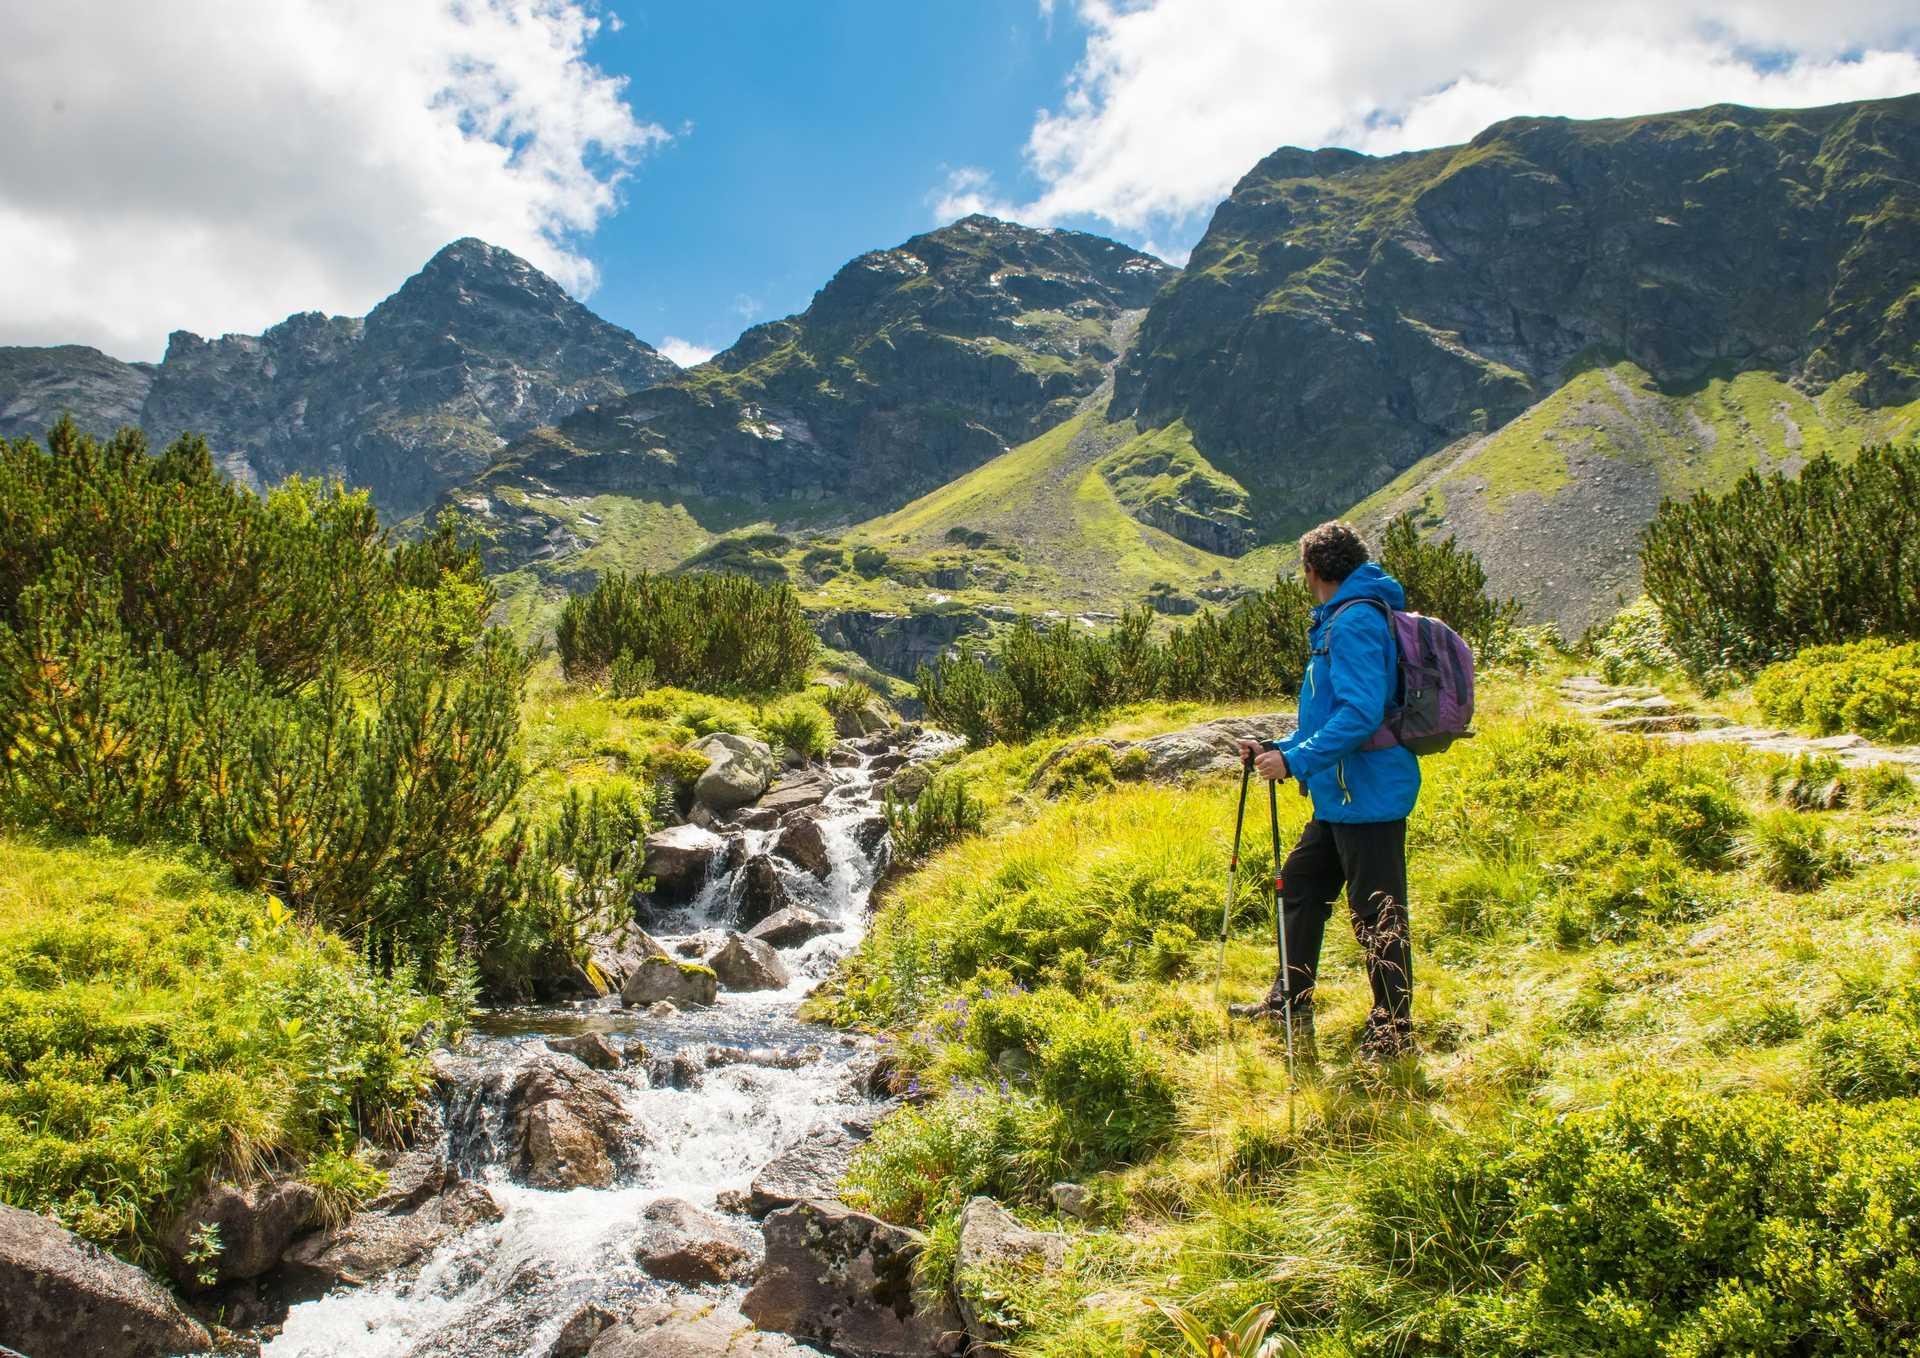 Randonnée dans les Hautes Tatras polonaises, région de Zakopane